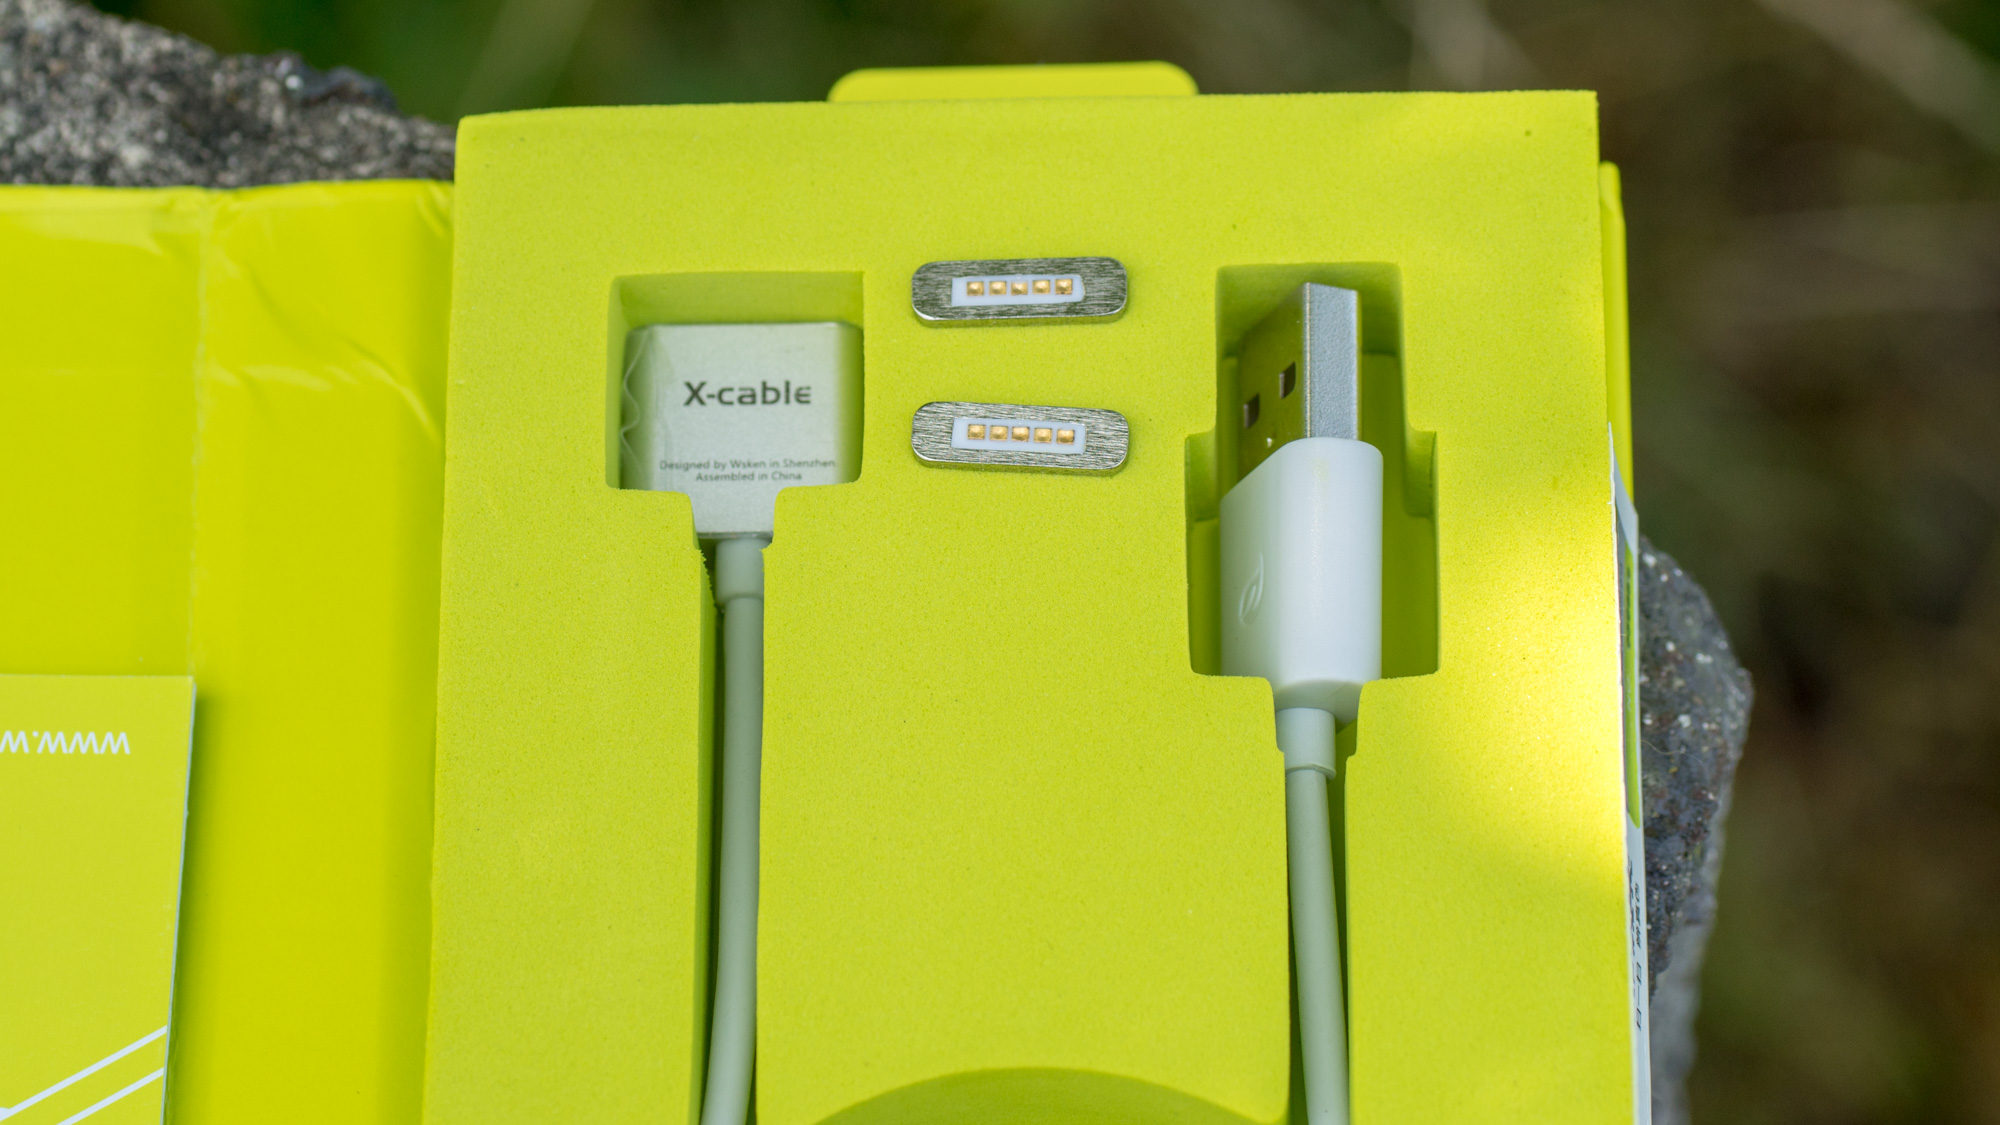 Magnetisches Micro USB Kabel wsken X-Cable in Test Review MagSafe Alu Hochwertig Ladekabel Magnet